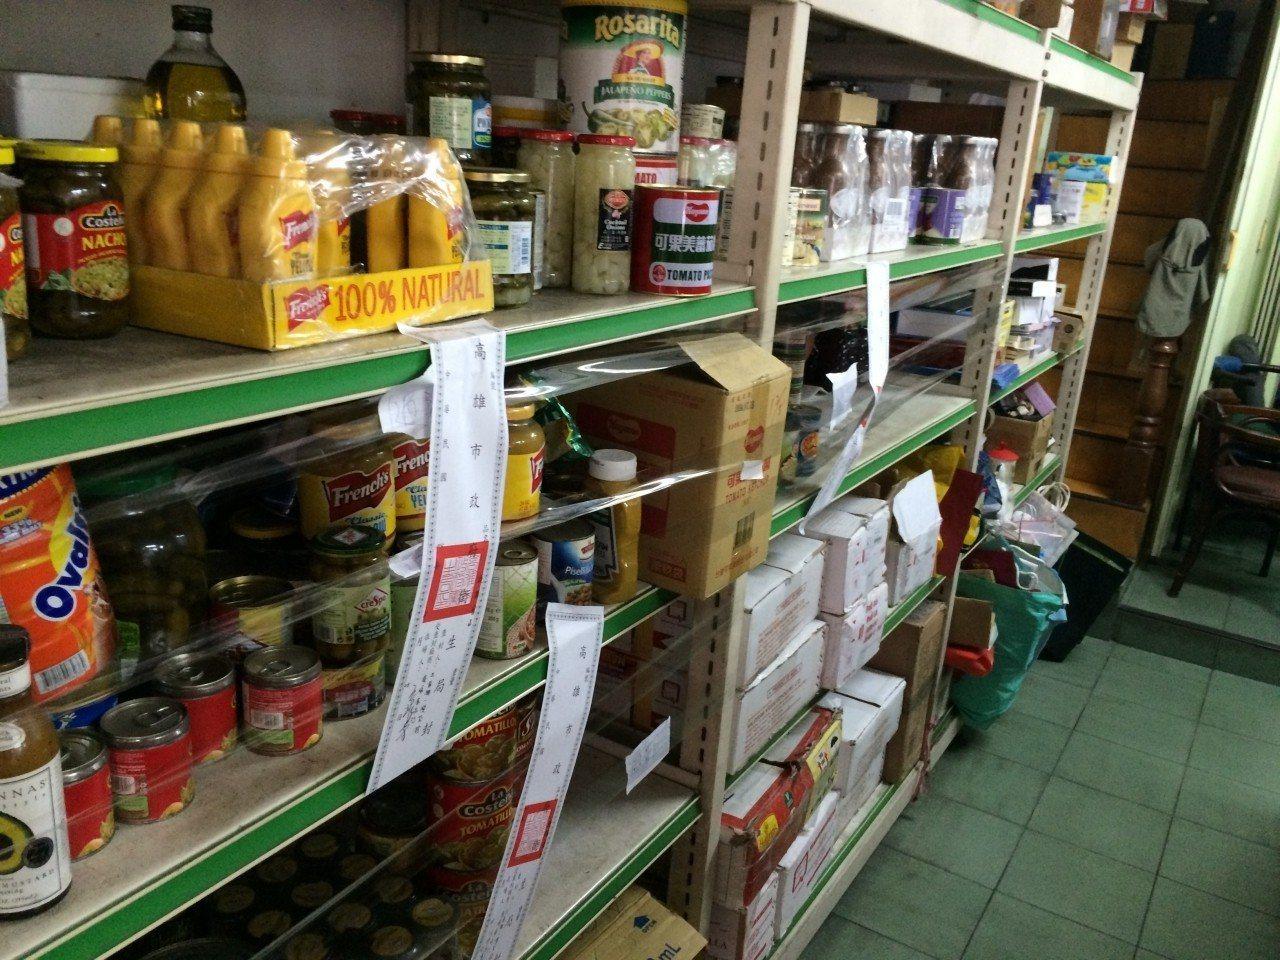 高雄市府衛生局2015年查封東海食品行販售疑似改標的過期食品。圖/高市府衛生局提...